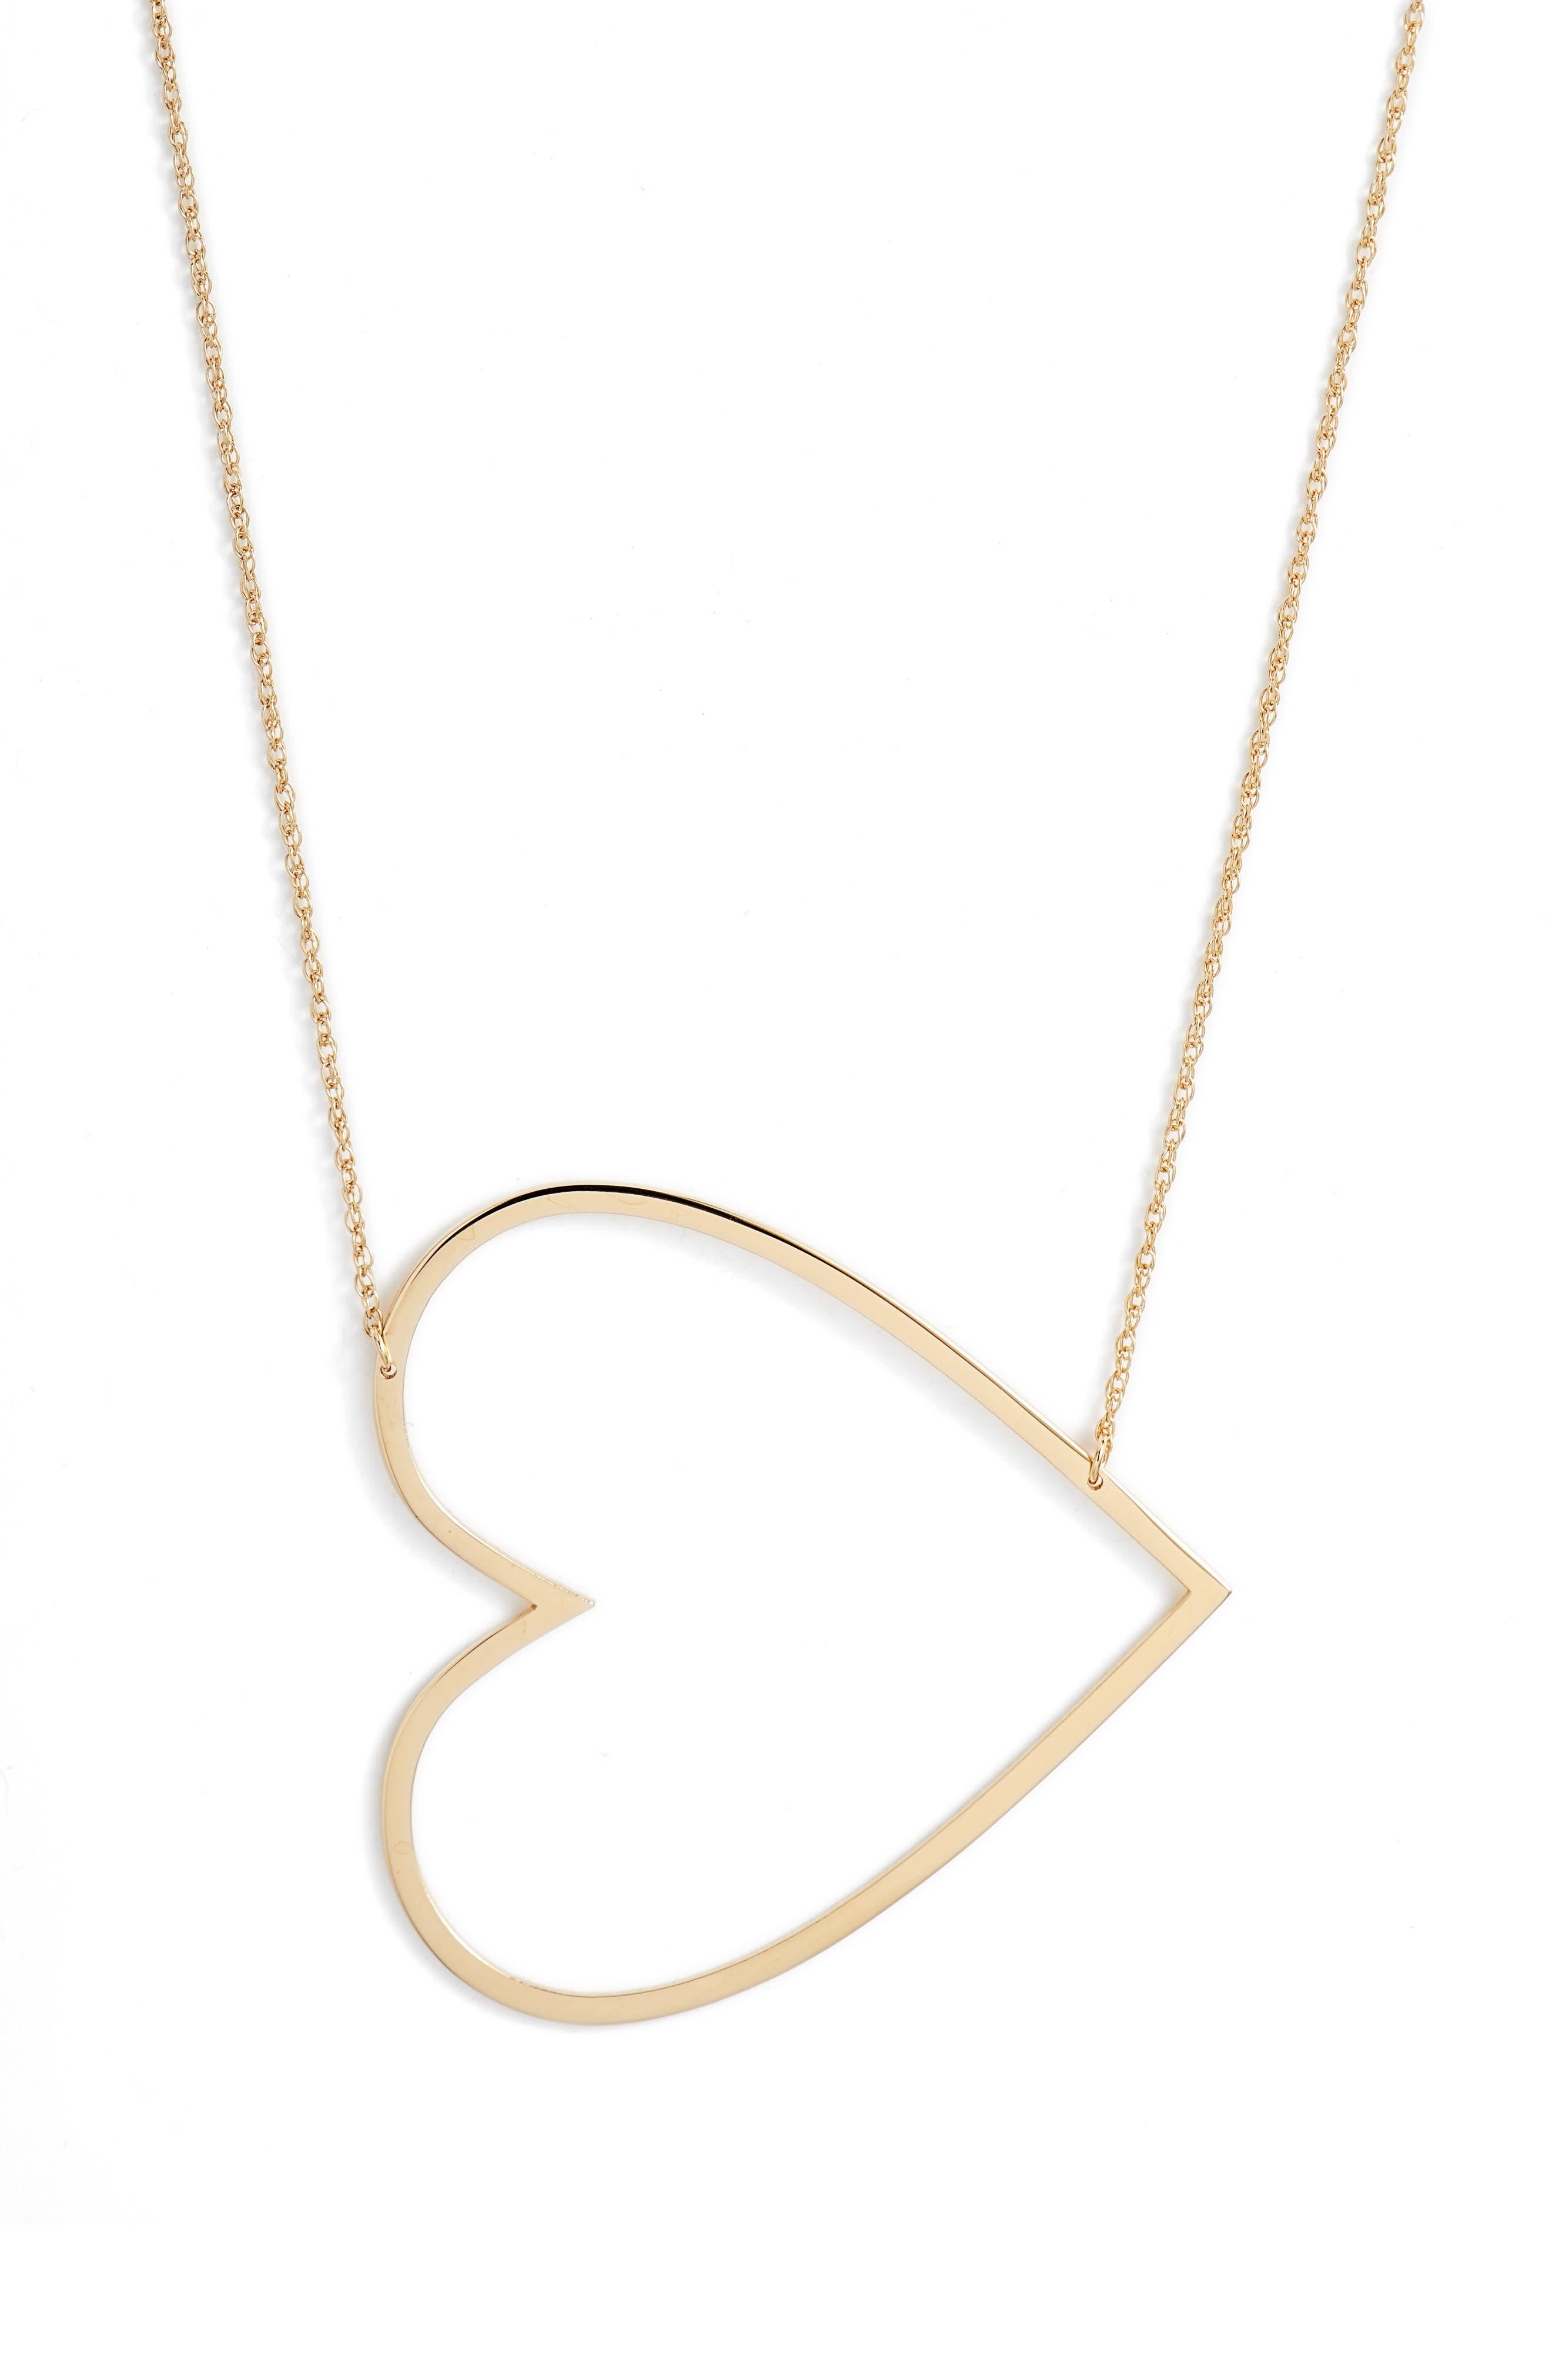 Marissa Heart Pendant Necklace,                         Main,                         color, YELLOW VERMEIL